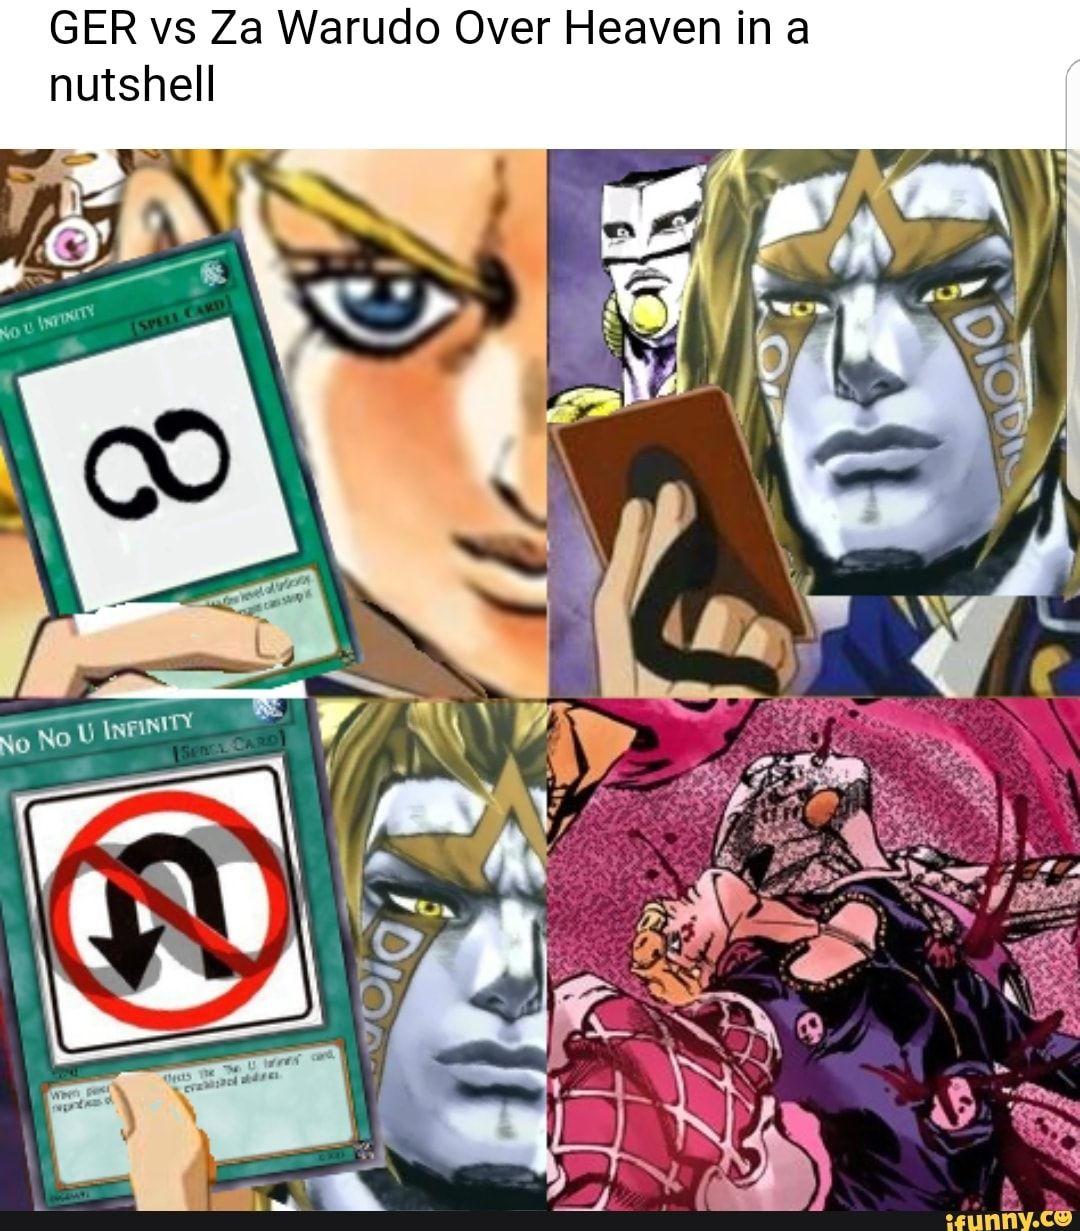 No Game No Life Ger